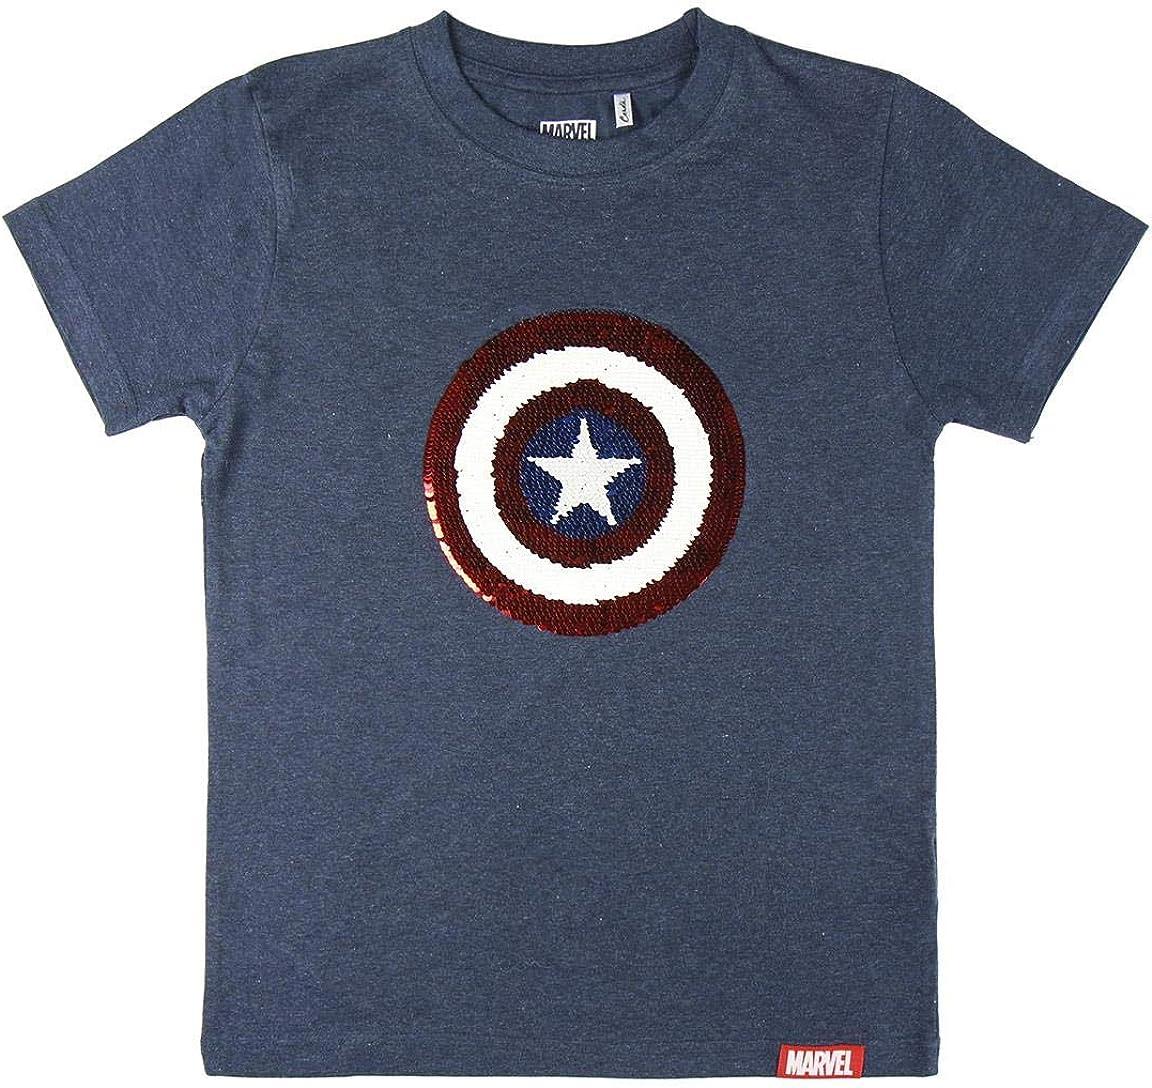 T-shirt maglia bambino originale con etichetta MARVEL CAPITAN AMERICA CAPB16.BR